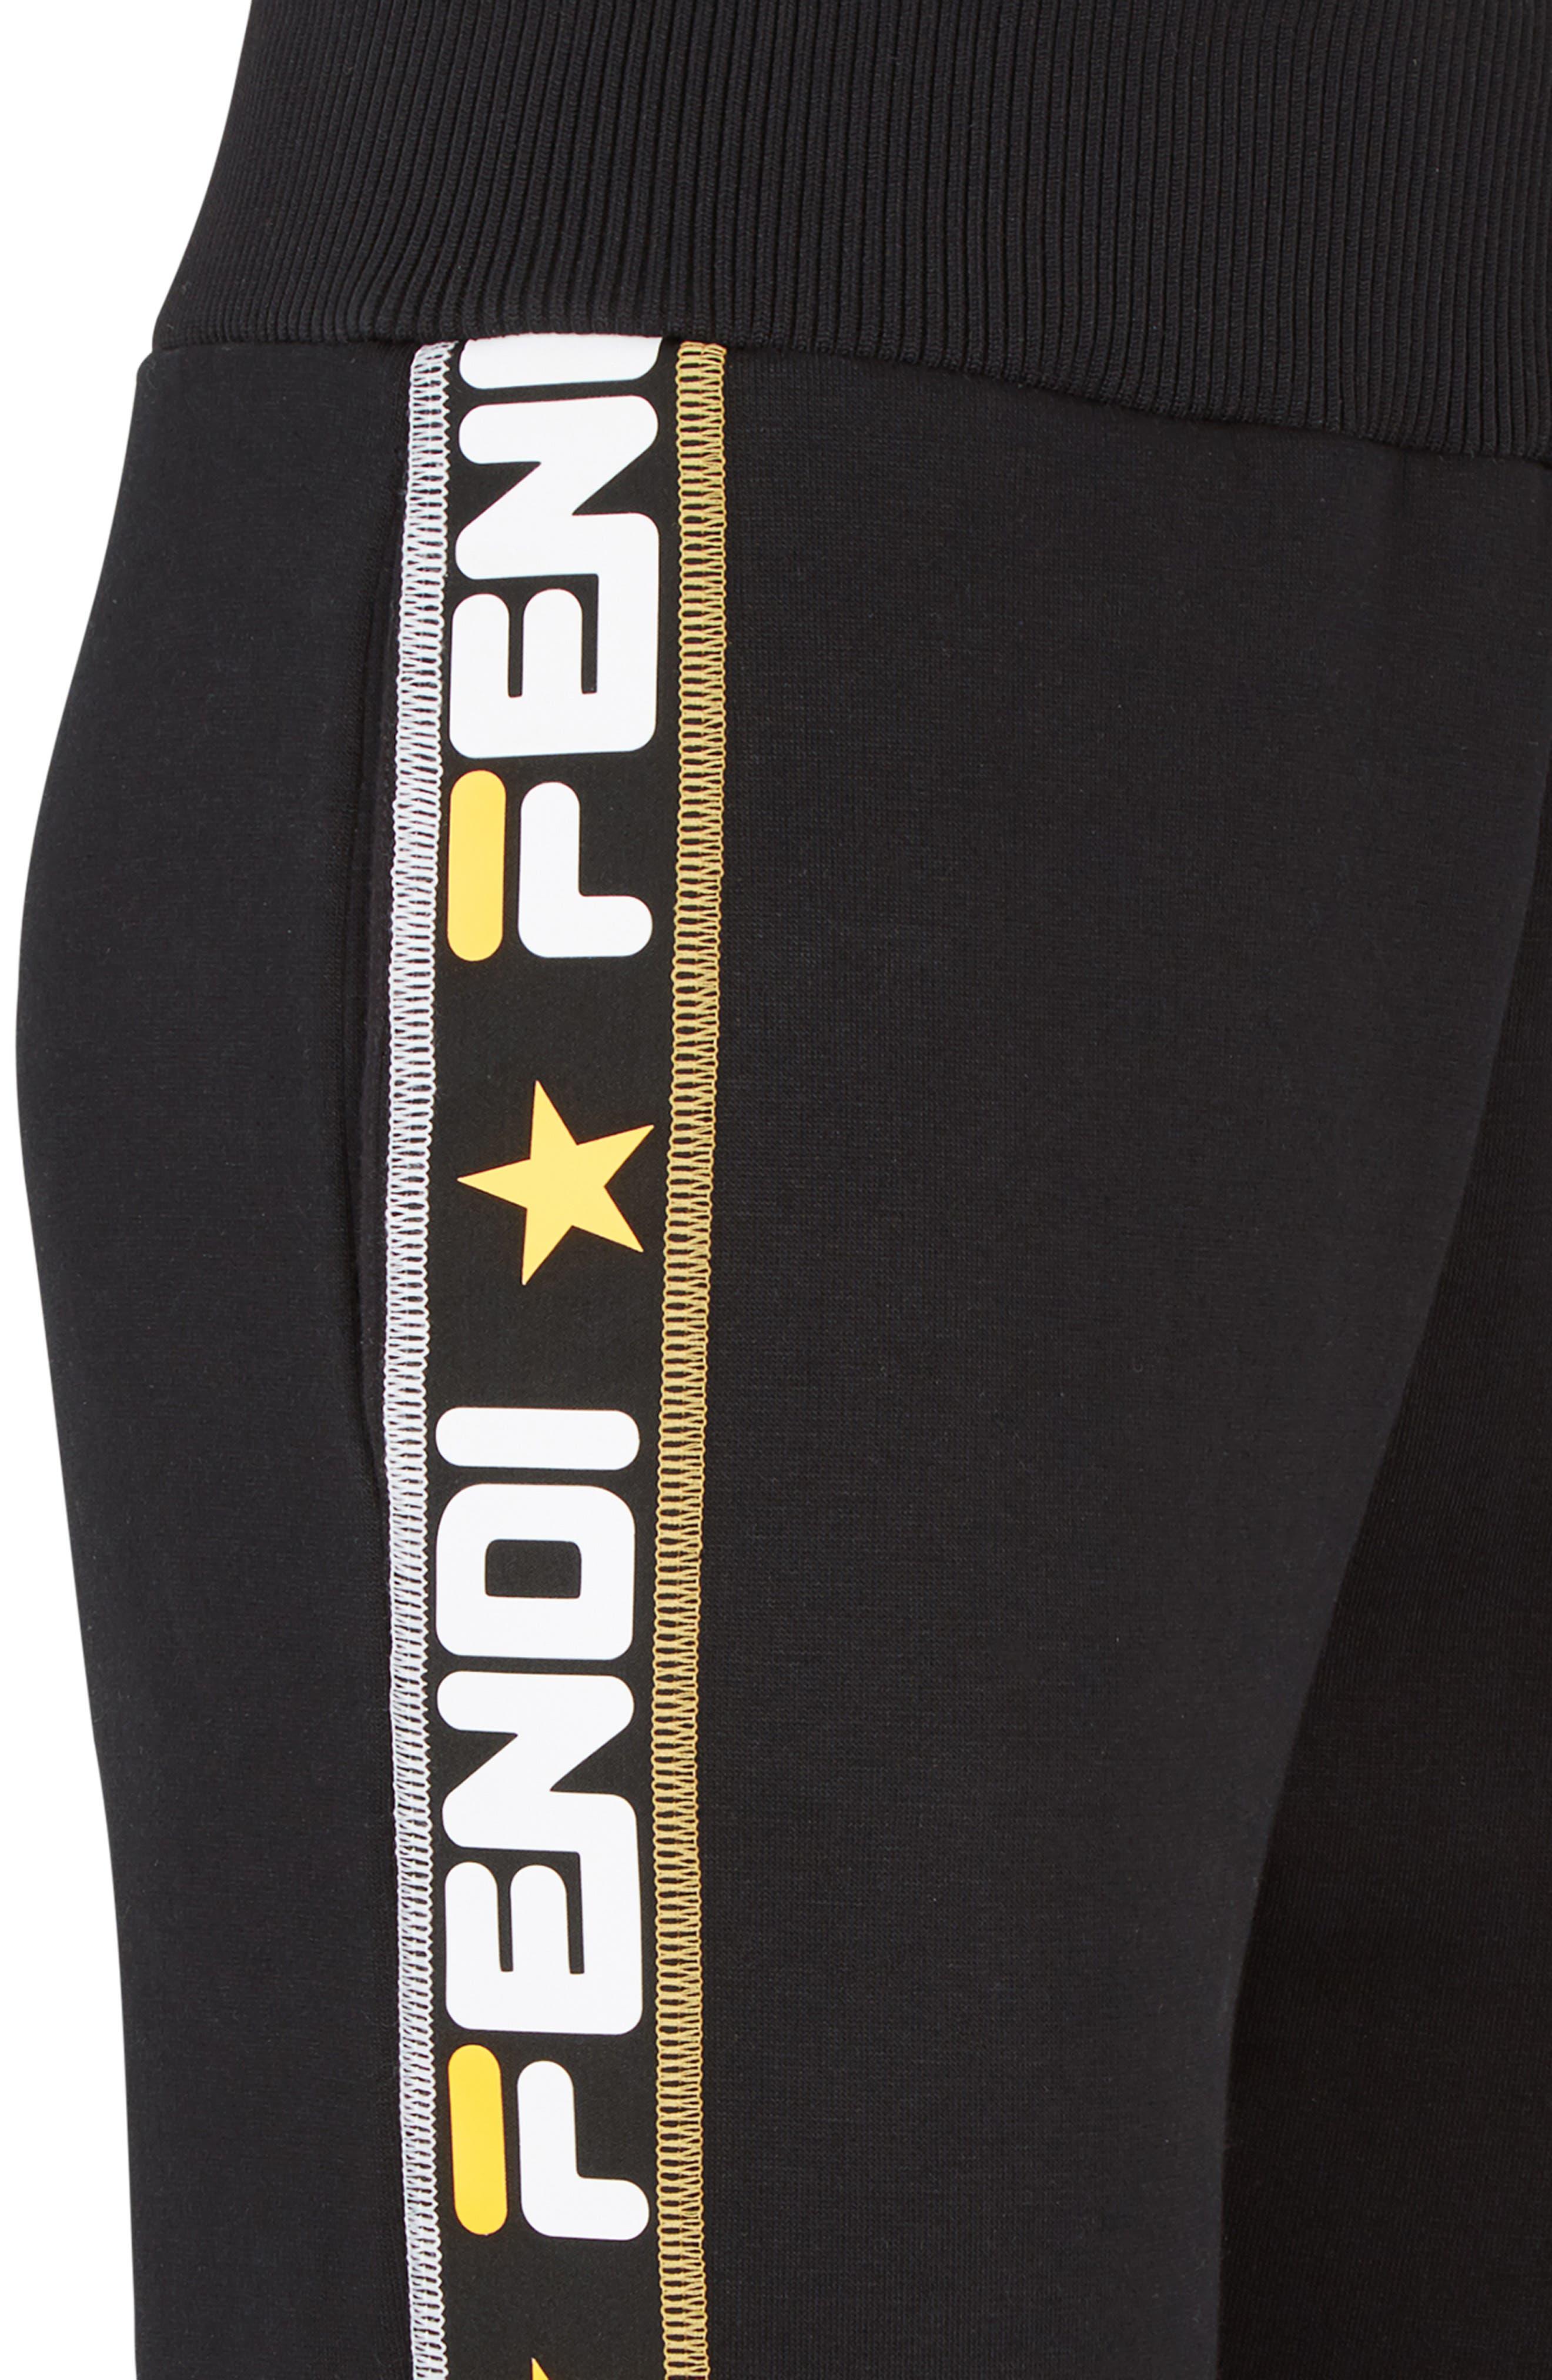 FENDI,                             x FILA Mania Logo Jersey Track Pants,                             Alternate thumbnail 8, color,                             BLACK